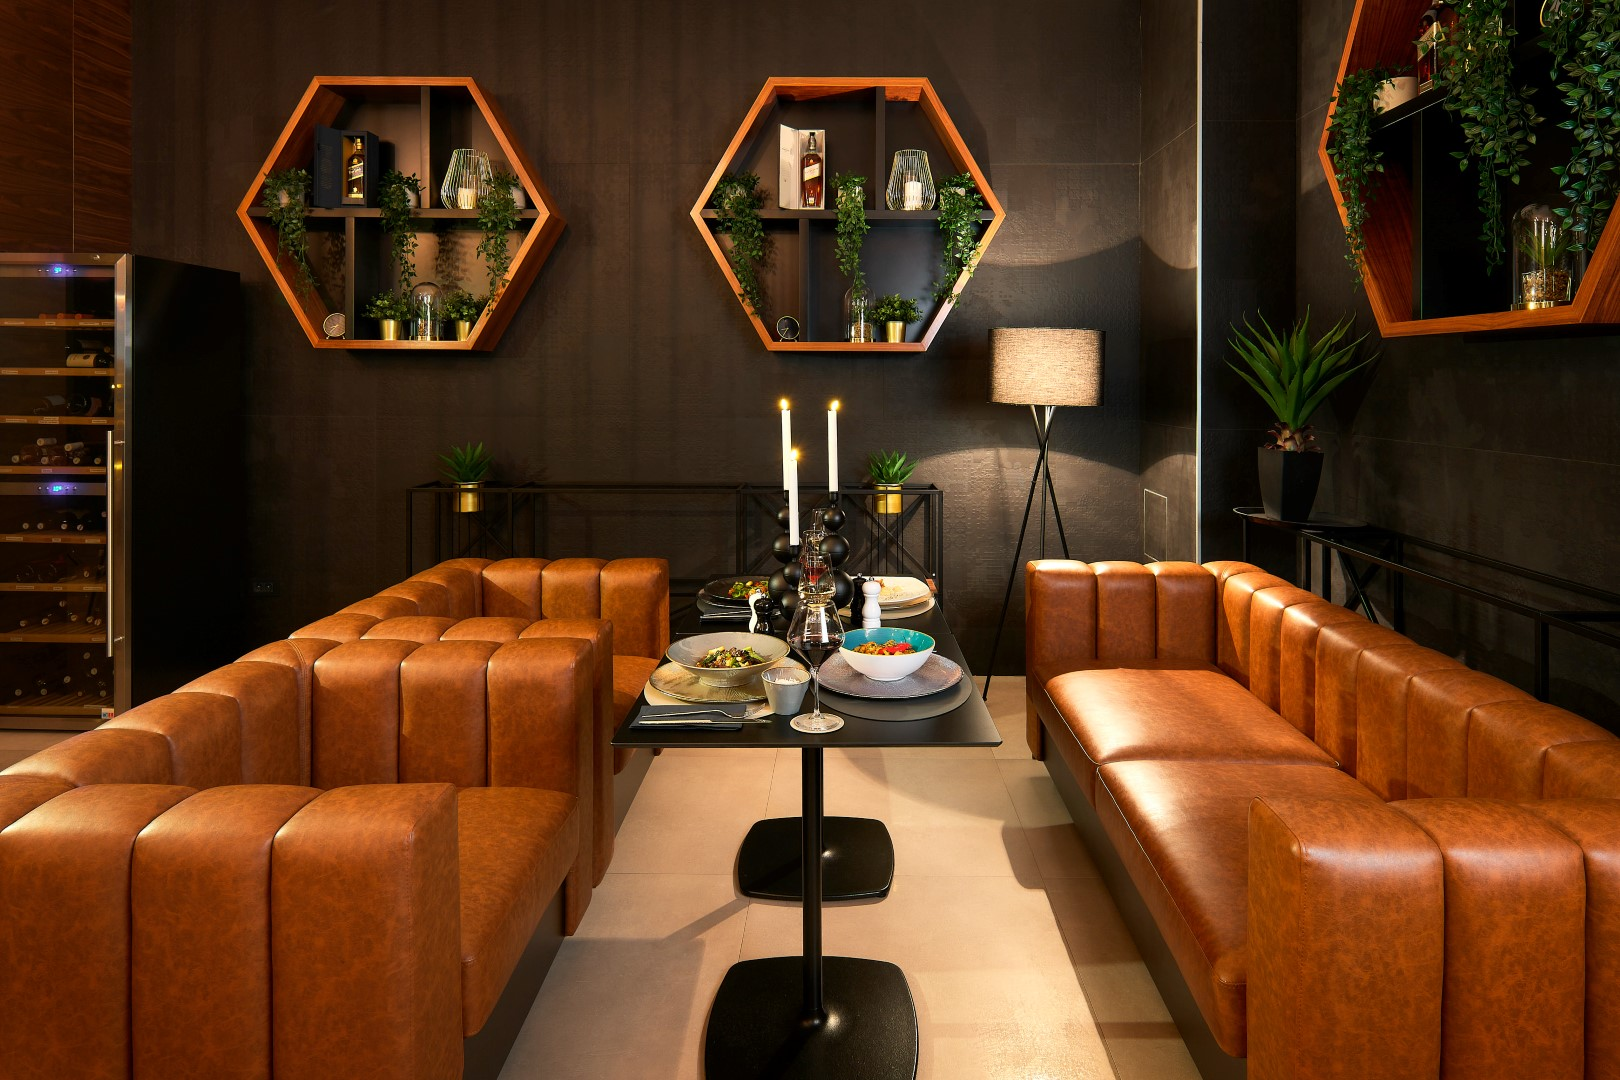 Restoran zbog kojeg ćete već sutra poželjeti biti u Splitu - restoran Allora